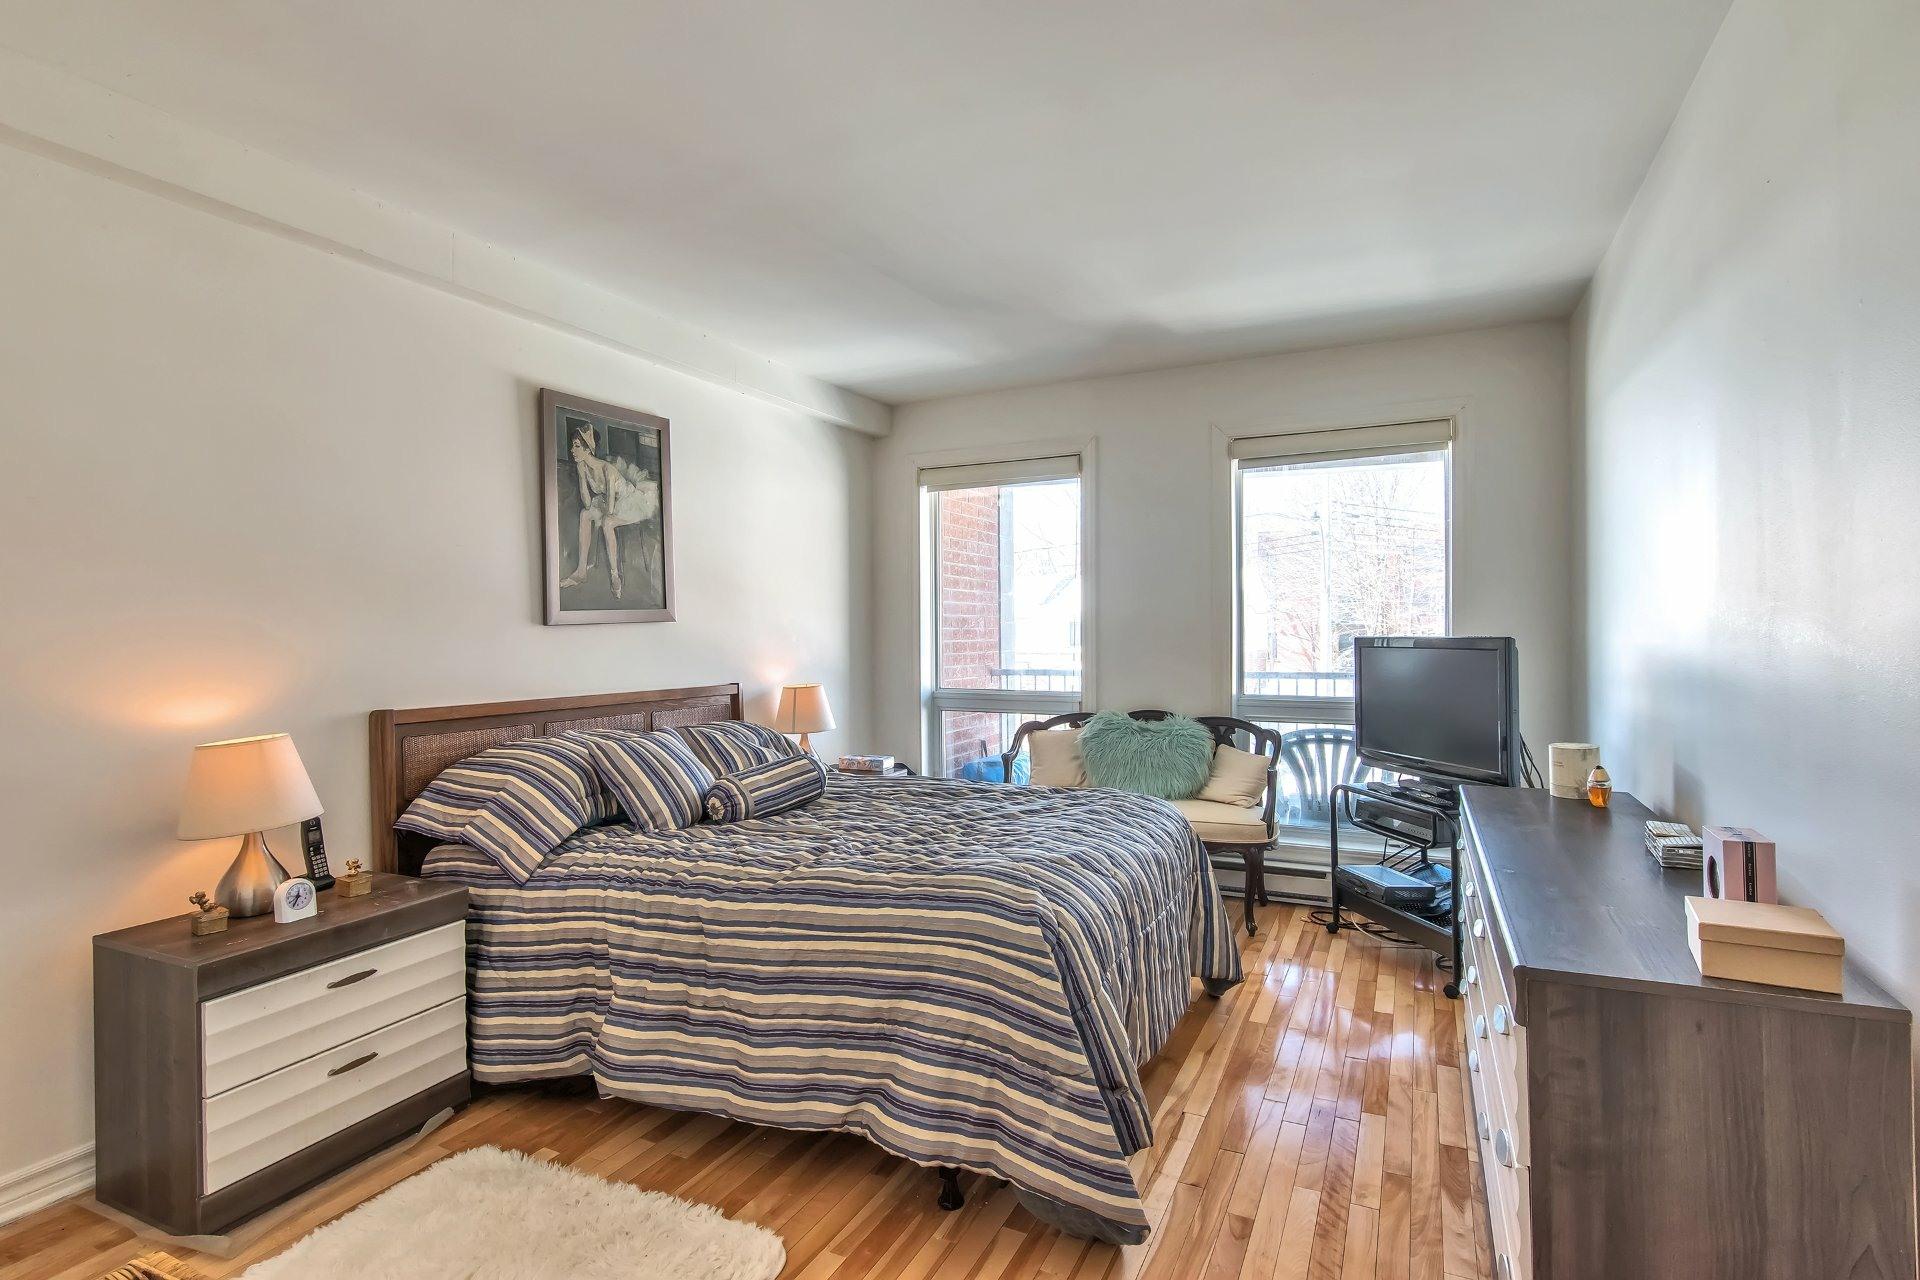 image 9 - Departamento En venta Côte-des-Neiges/Notre-Dame-de-Grâce Montréal  - 6 habitaciones